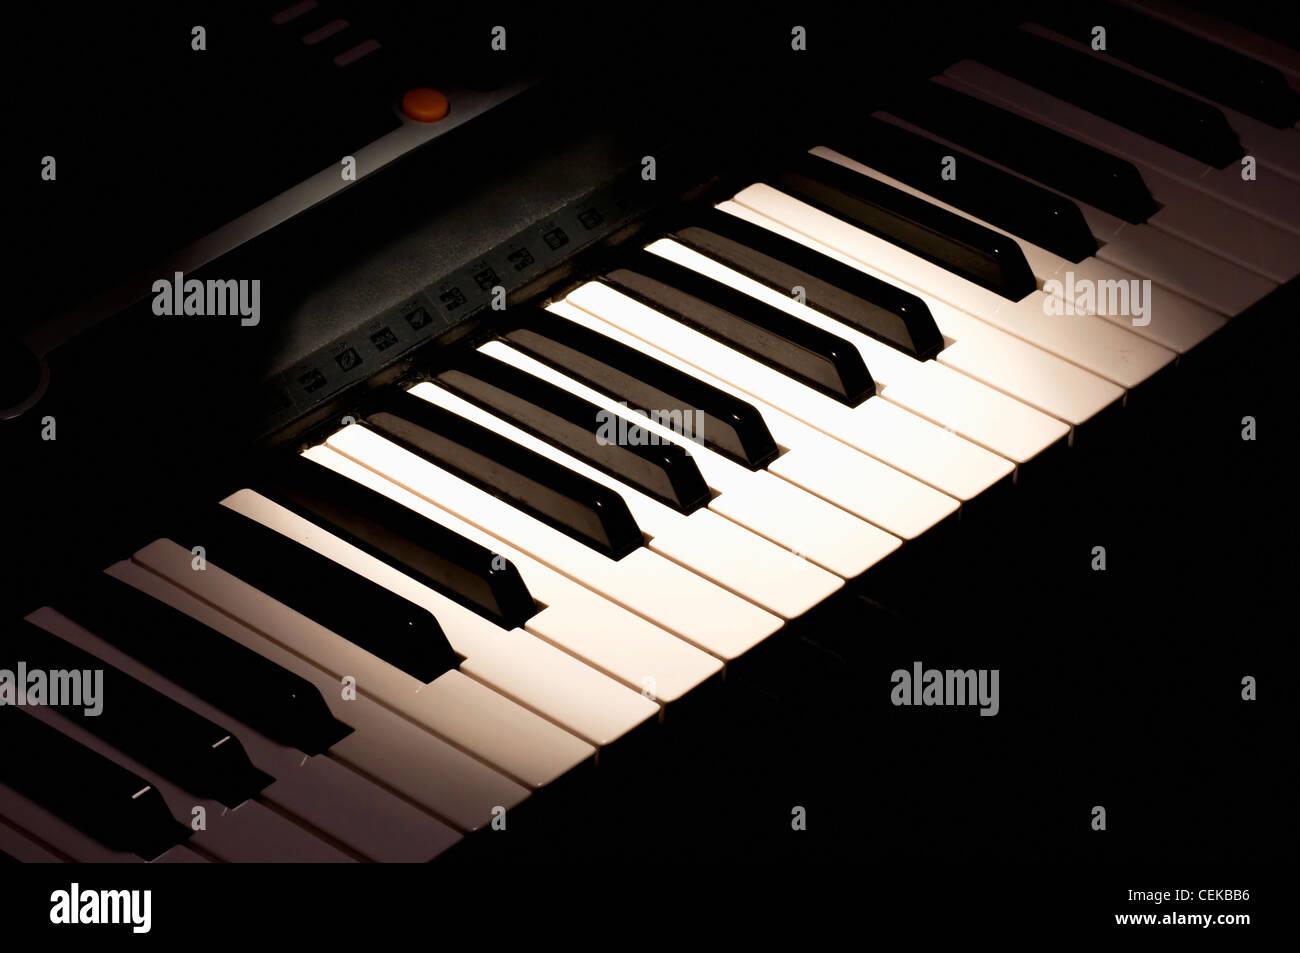 Electronic synthesizer - Stock Image